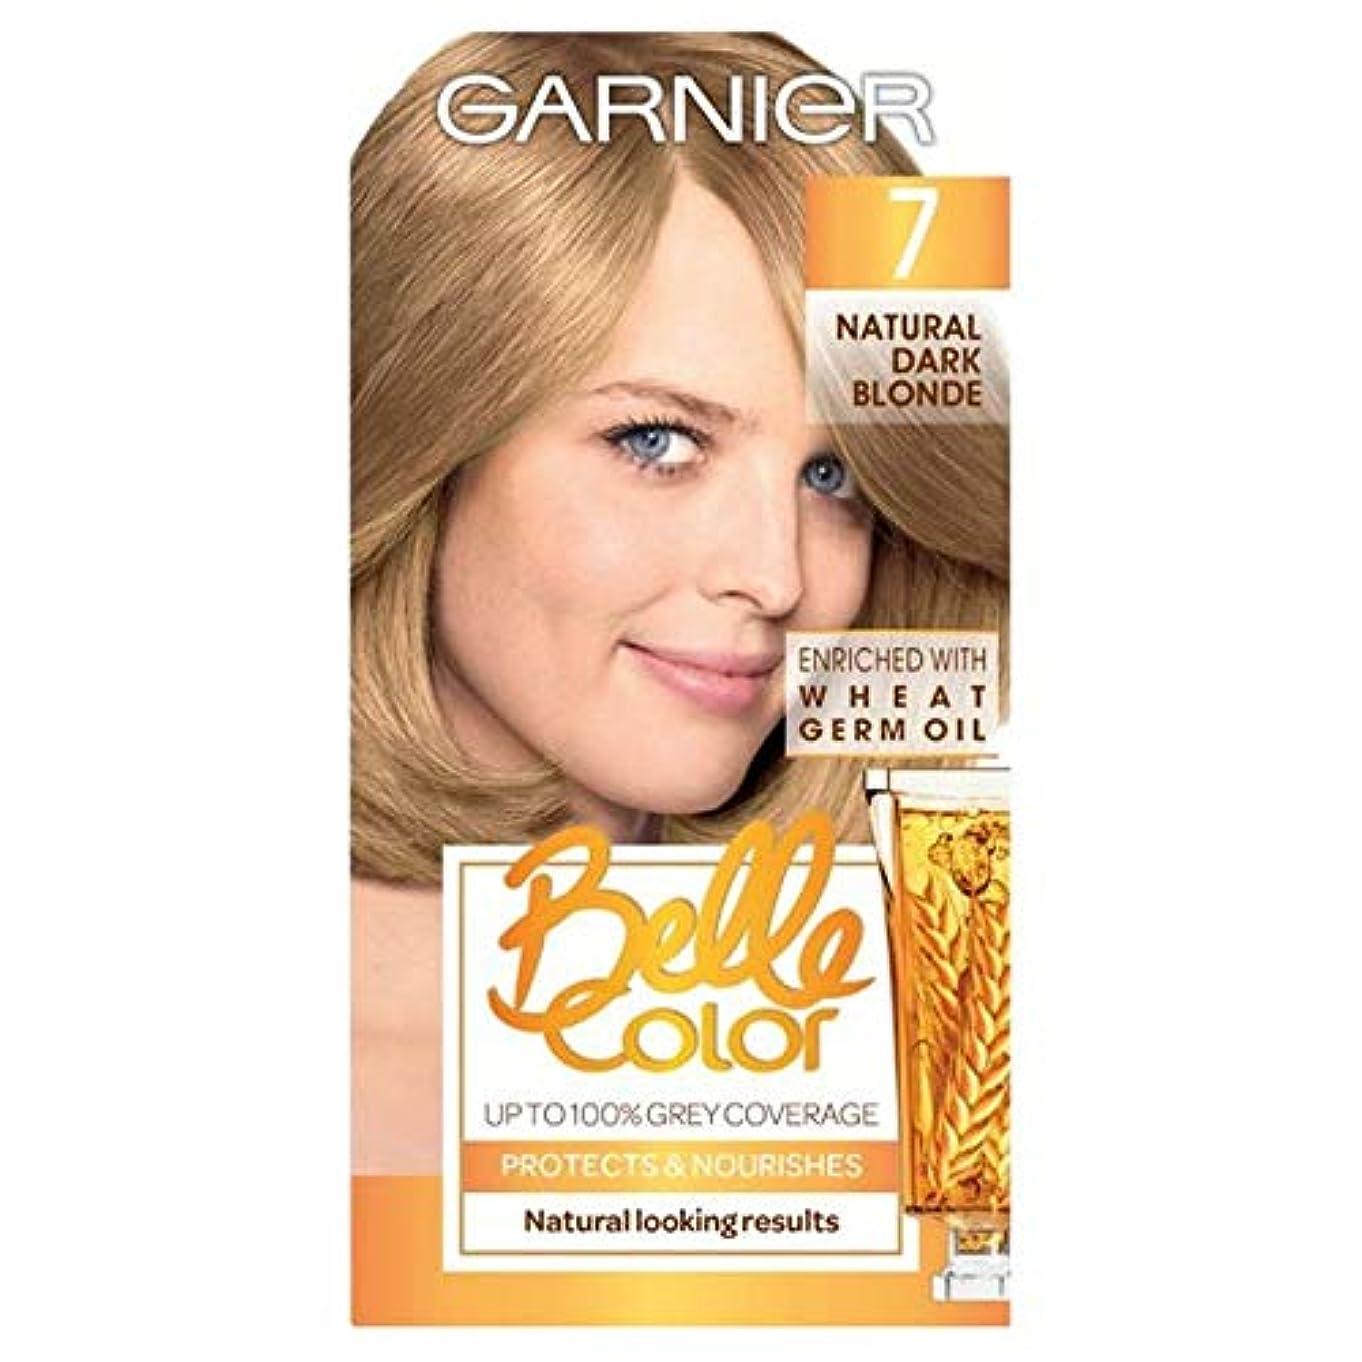 変更文法交換可能[Belle Color ] ガーン/ベル/Clr 7ナチュラルダークブロンドパーマネントヘアダイ - Garn/Bel/Clr 7 Natural Dark Blonde Permanent Hair Dye [並行輸入品]